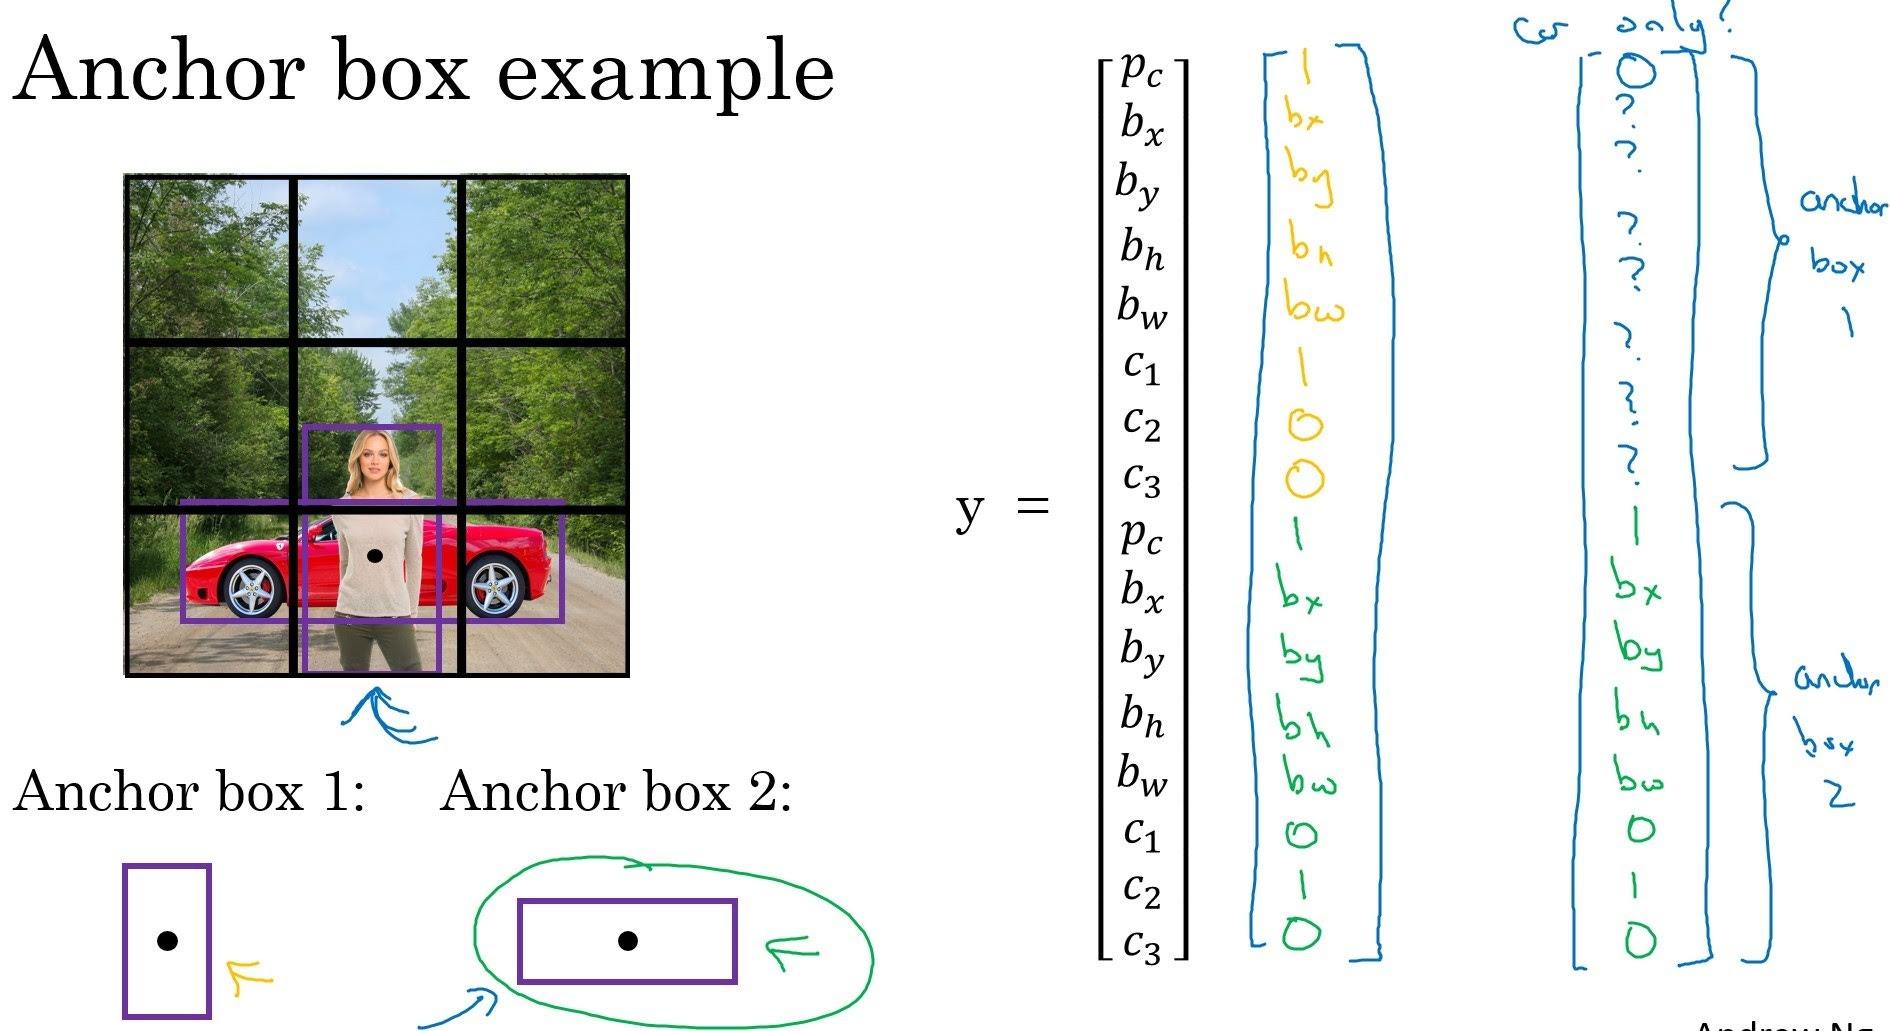 anchor box